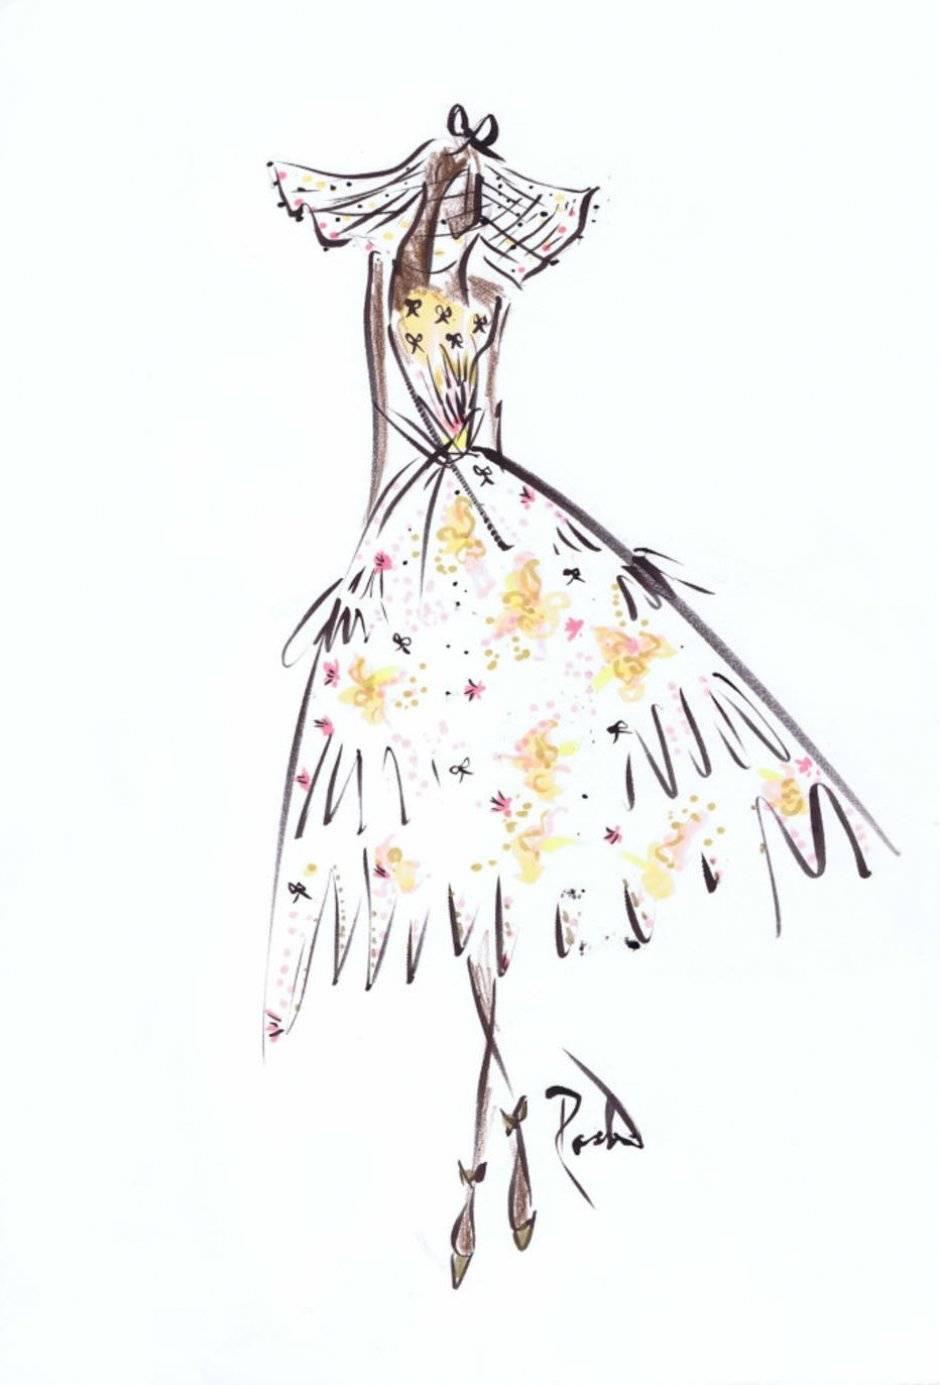 Se Meghan Markle seguir a dica das estilistas Kate e Laura Mulleavy, da Rodarte, ela será disruptiva, com vestido de comprimento mídi e estampa colorida Divulgação/WWD